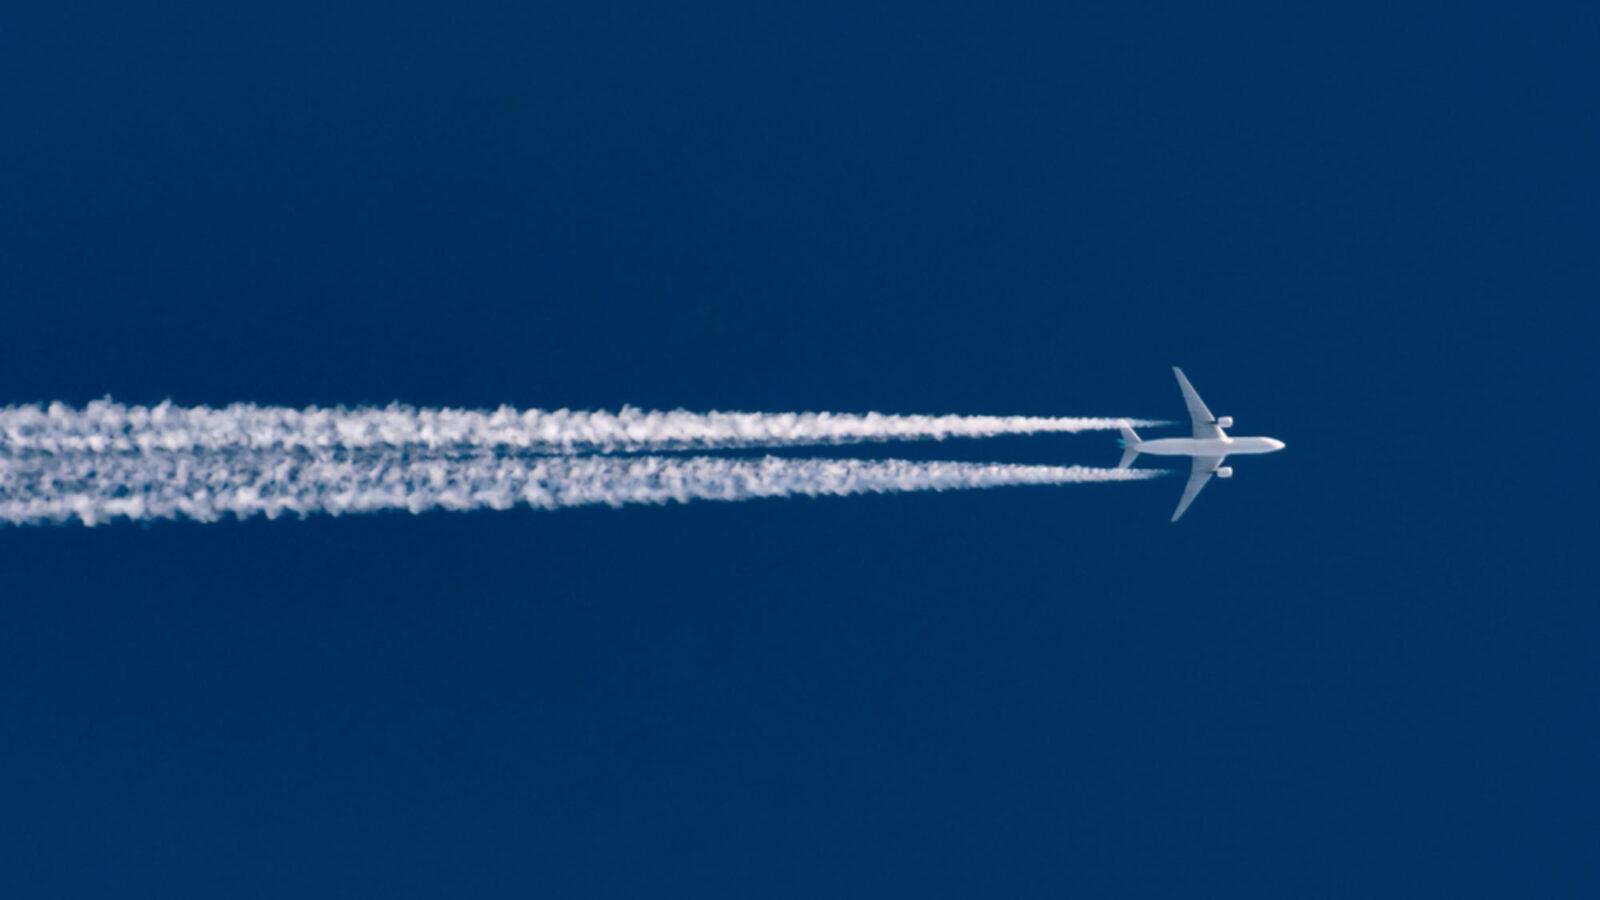 الخطوط البيضاء التي تتركها الطائرات في السماء